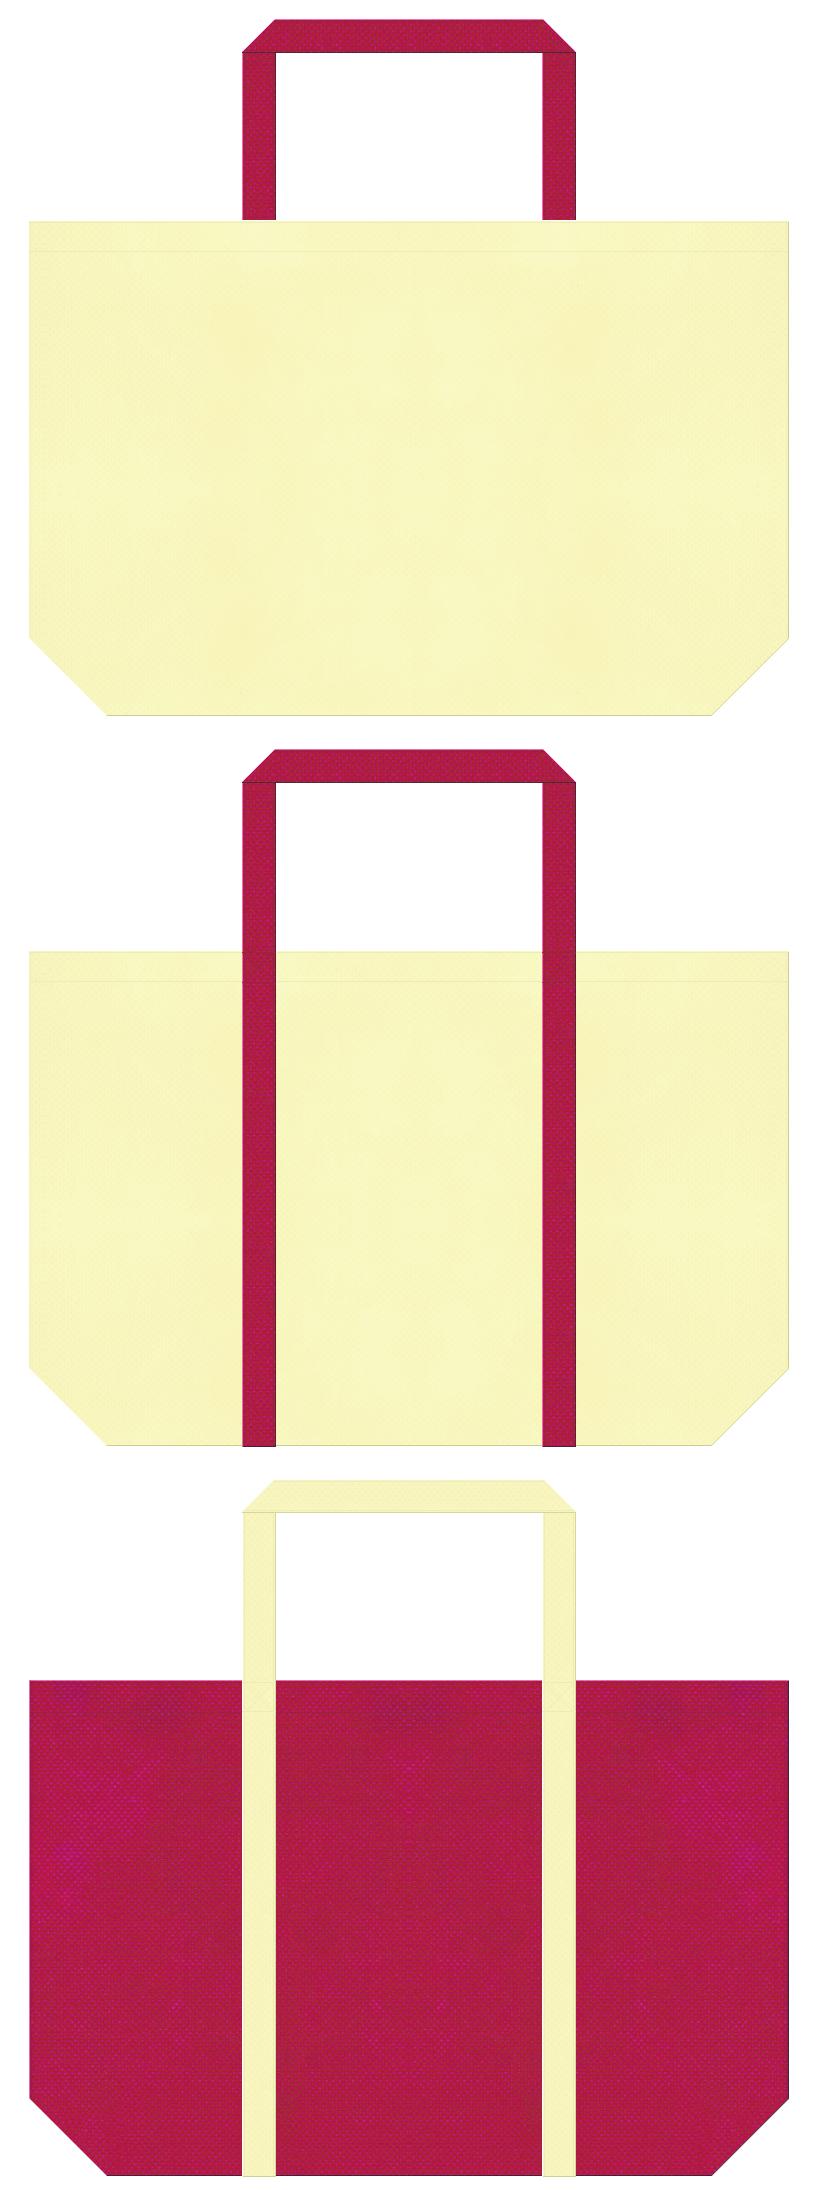 絵本・むかし話・月・かぐやひめ・ひな祭り・和風催事・ゲーム・キッズイベントにお奨めの不織布バッグデザイン:薄黄色と濃いピンク色のコーデ